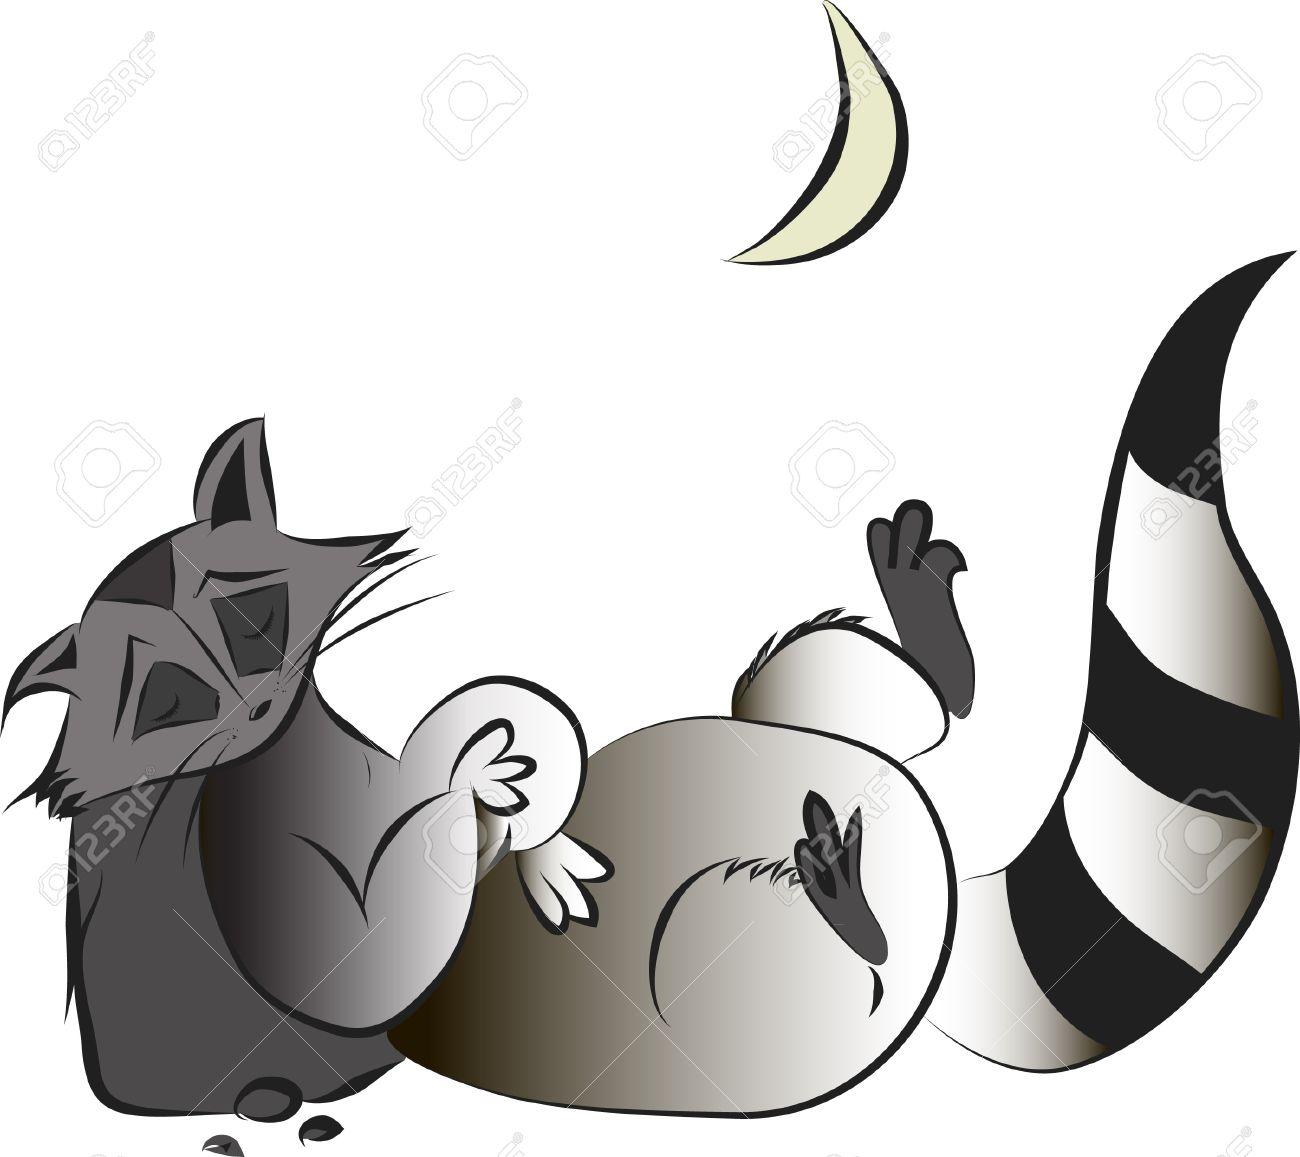 かわいい面白い眠っている漫画アライグマのイラスト ロイヤリティフリー